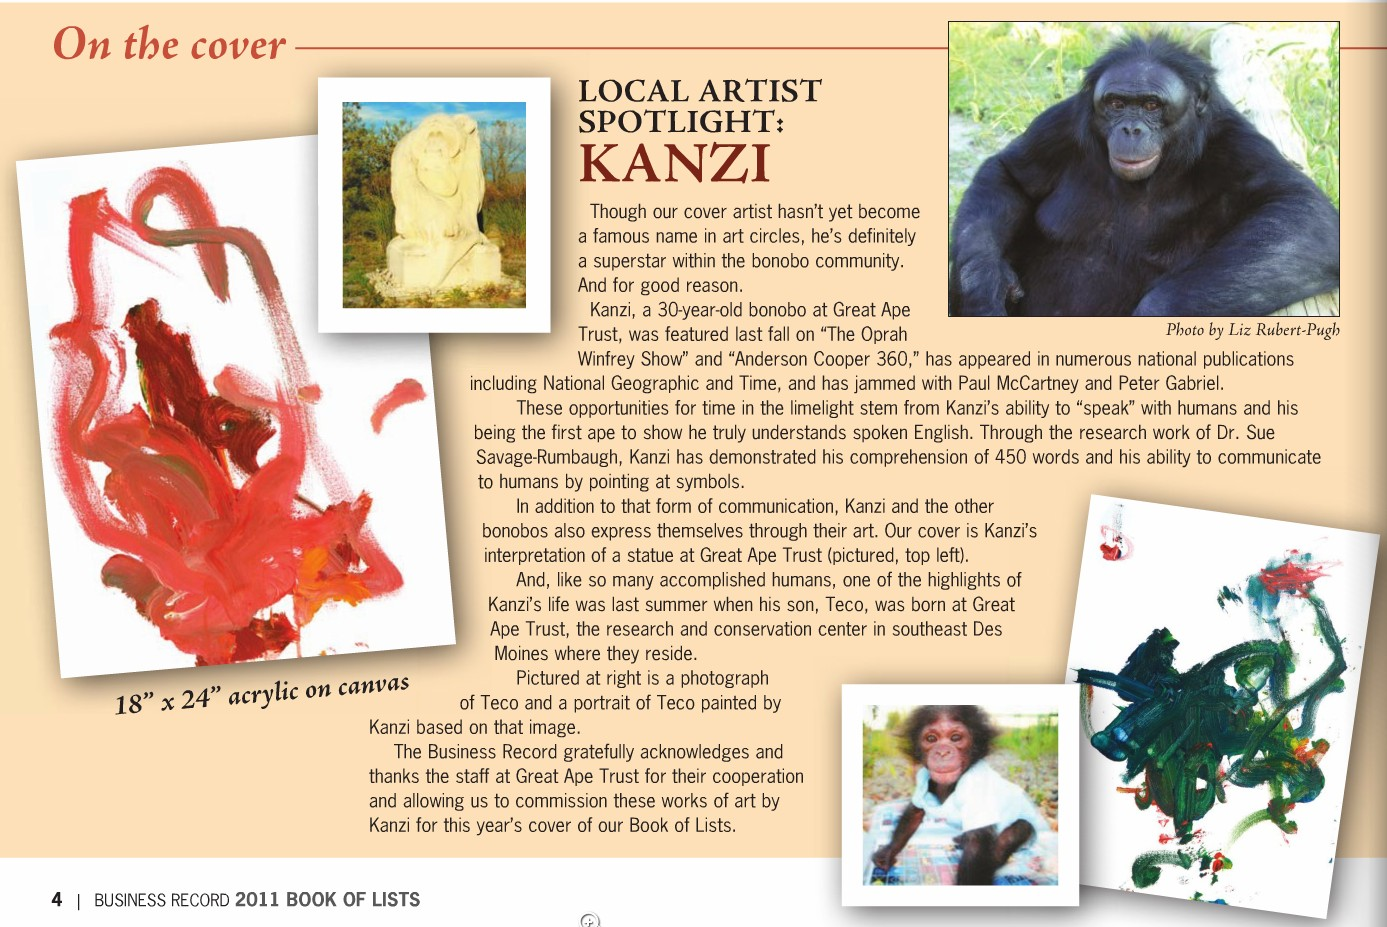 Kanzi: The Great Ape Superstar